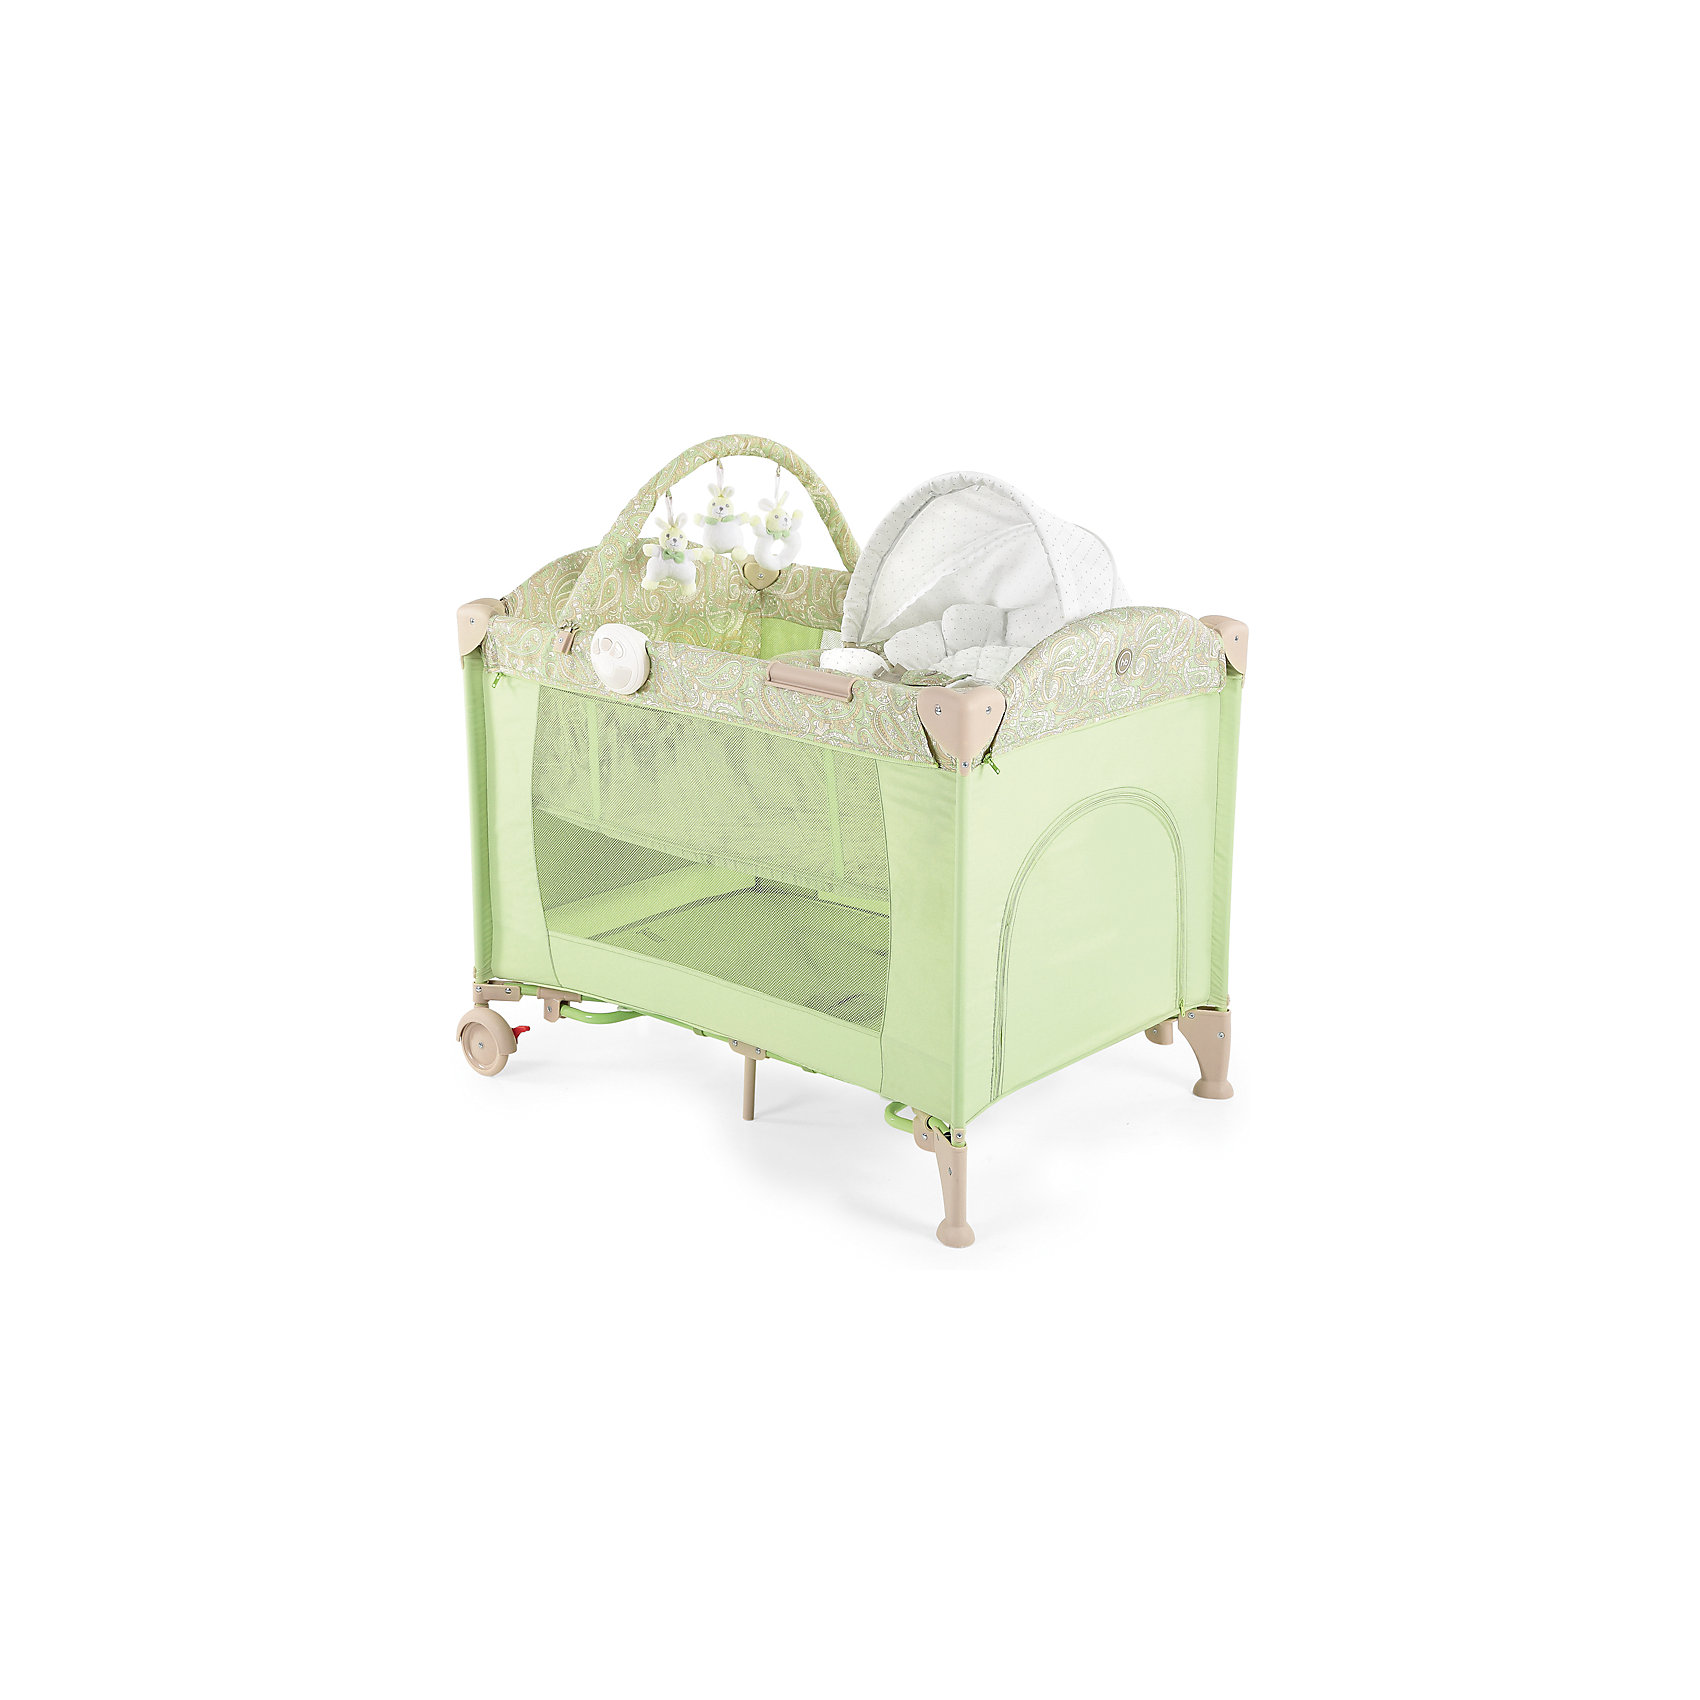 Кровать-манеж LAGOON V2, Happy Baby, зеленыйМанежи-кроватки<br>Кровать-манеж LAGOON V2, Happy Baby, зеленый.<br><br>Характеристики:<br><br>• можно использовать в качестве кроватки или шезлонга<br>• имеет второе дно для новорожденных малышей<br>• шезлонг можно использовать как качалку или как пеленальный столик<br>• есть дуга с игрушками <br>• съемные силиконовые полозья для укачивания малыша<br>• вход сбоку на молнии<br>• есть карман и москитная сетка<br>• шезлонг оснащен ремнями безопасности<br>• блок с подсветкой и вибрацией <br>• компактна в собранном виде<br>• материал: пластик, металл, полиэстер<br>• вес: 13,2 кг<br>• размер в разложенном виде: 110х80х85 см<br>• размер шезлонга: 73х47х34 см<br>• размер в собранном виде: 27х24х80 см<br>• цвет: зеленый<br><br>Универсальная кровать-манеж lagoon v2 от известной марки Happy Baby можно использовать как манеж, кроватку или шезлонг. Манеж имеет второе дно для малышей. Шезлонг тоже можно использовать в двух вариантах: качалка и пеленальный столик. Для этого достаточно установить шезлонг на полозья, либо на бортики. Уберите второе дно - и манеж легко превратится из спального места в игровую площадку!  Кроме того, манеж имеет много приятных мелочей, которые облегчат жизнь родителей: дополнительный лаз на молнии, карман для полезных вещей, дуга с мягкими зайчиками и многое другое. Для вашего удобства манеж оснащен колесиками и очень компактен в собранном виде. Кровать-манеж lagoon v2 - лучший выбор заботливых родителей!<br><br>Кровать-манеж LAGOON V2, Happy Baby, зеленый вы можете купить в нашем интернет-магазине.<br><br>Ширина мм: 270<br>Глубина мм: 270<br>Высота мм: 810<br>Вес г: 13830<br>Возраст от месяцев: 0<br>Возраст до месяцев: 36<br>Пол: Унисекс<br>Возраст: Детский<br>SKU: 5148403